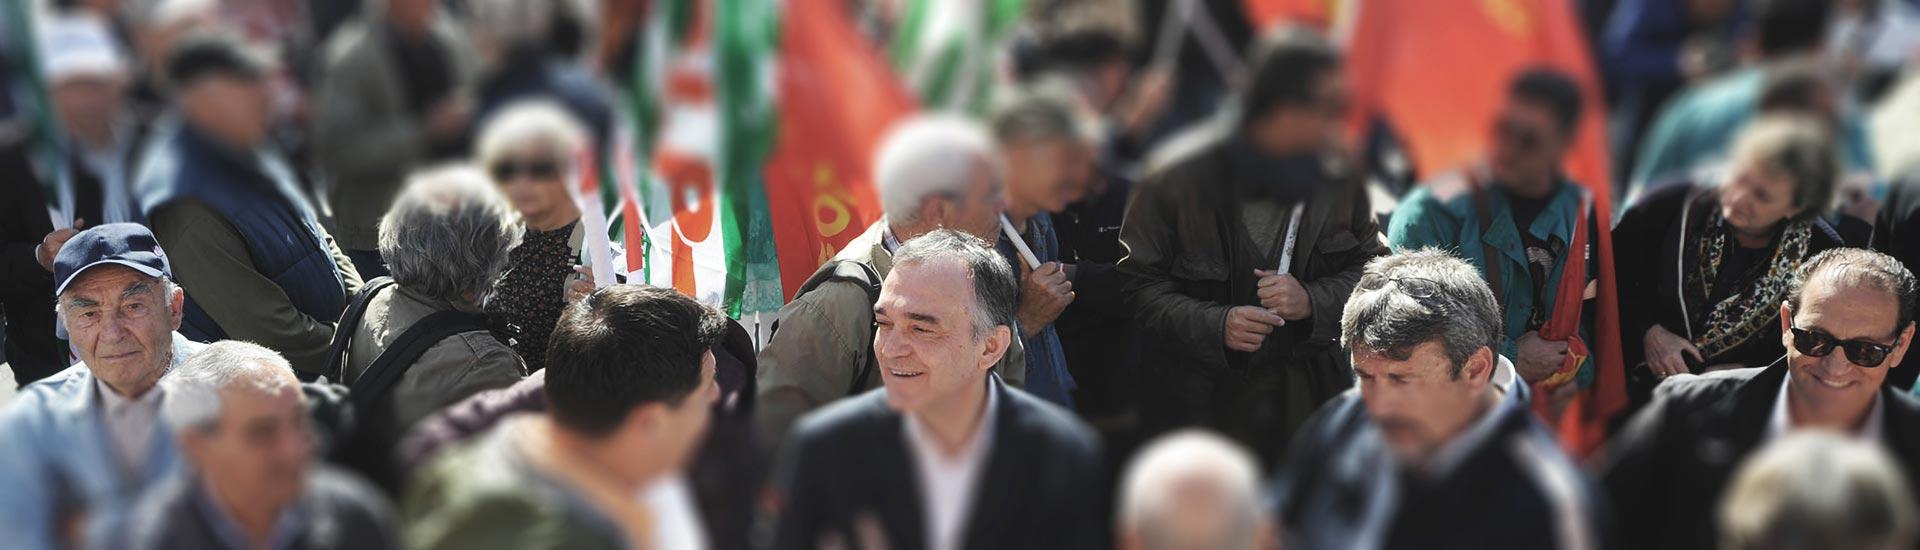 Enrico-Rossi-Piombino-per-Banner3